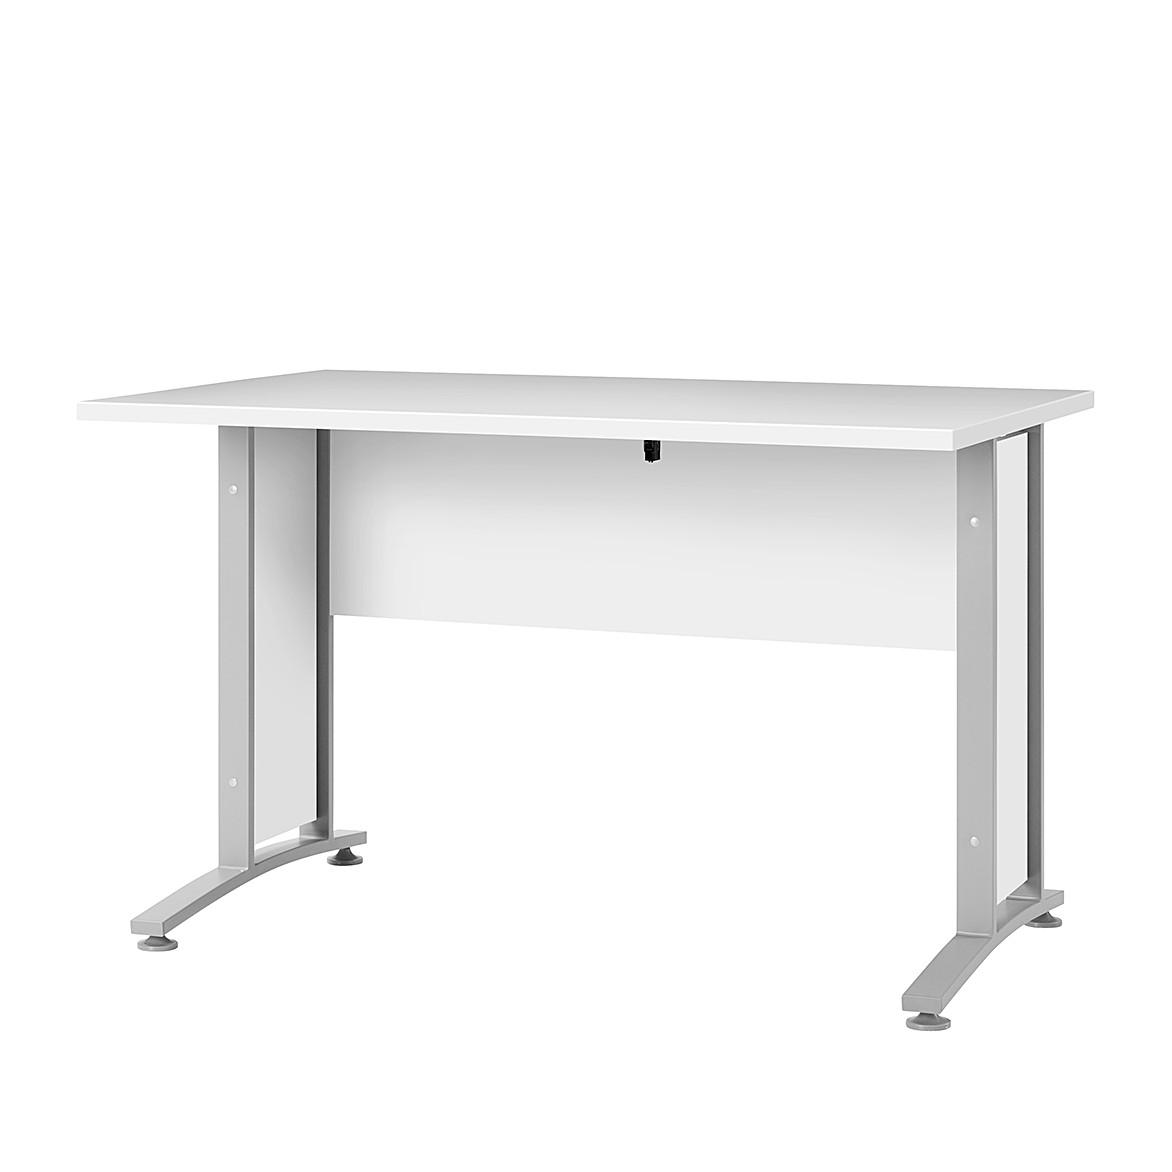 Schreibtisch Quincy – Weiß – 150 x 80 cm, home24office günstig